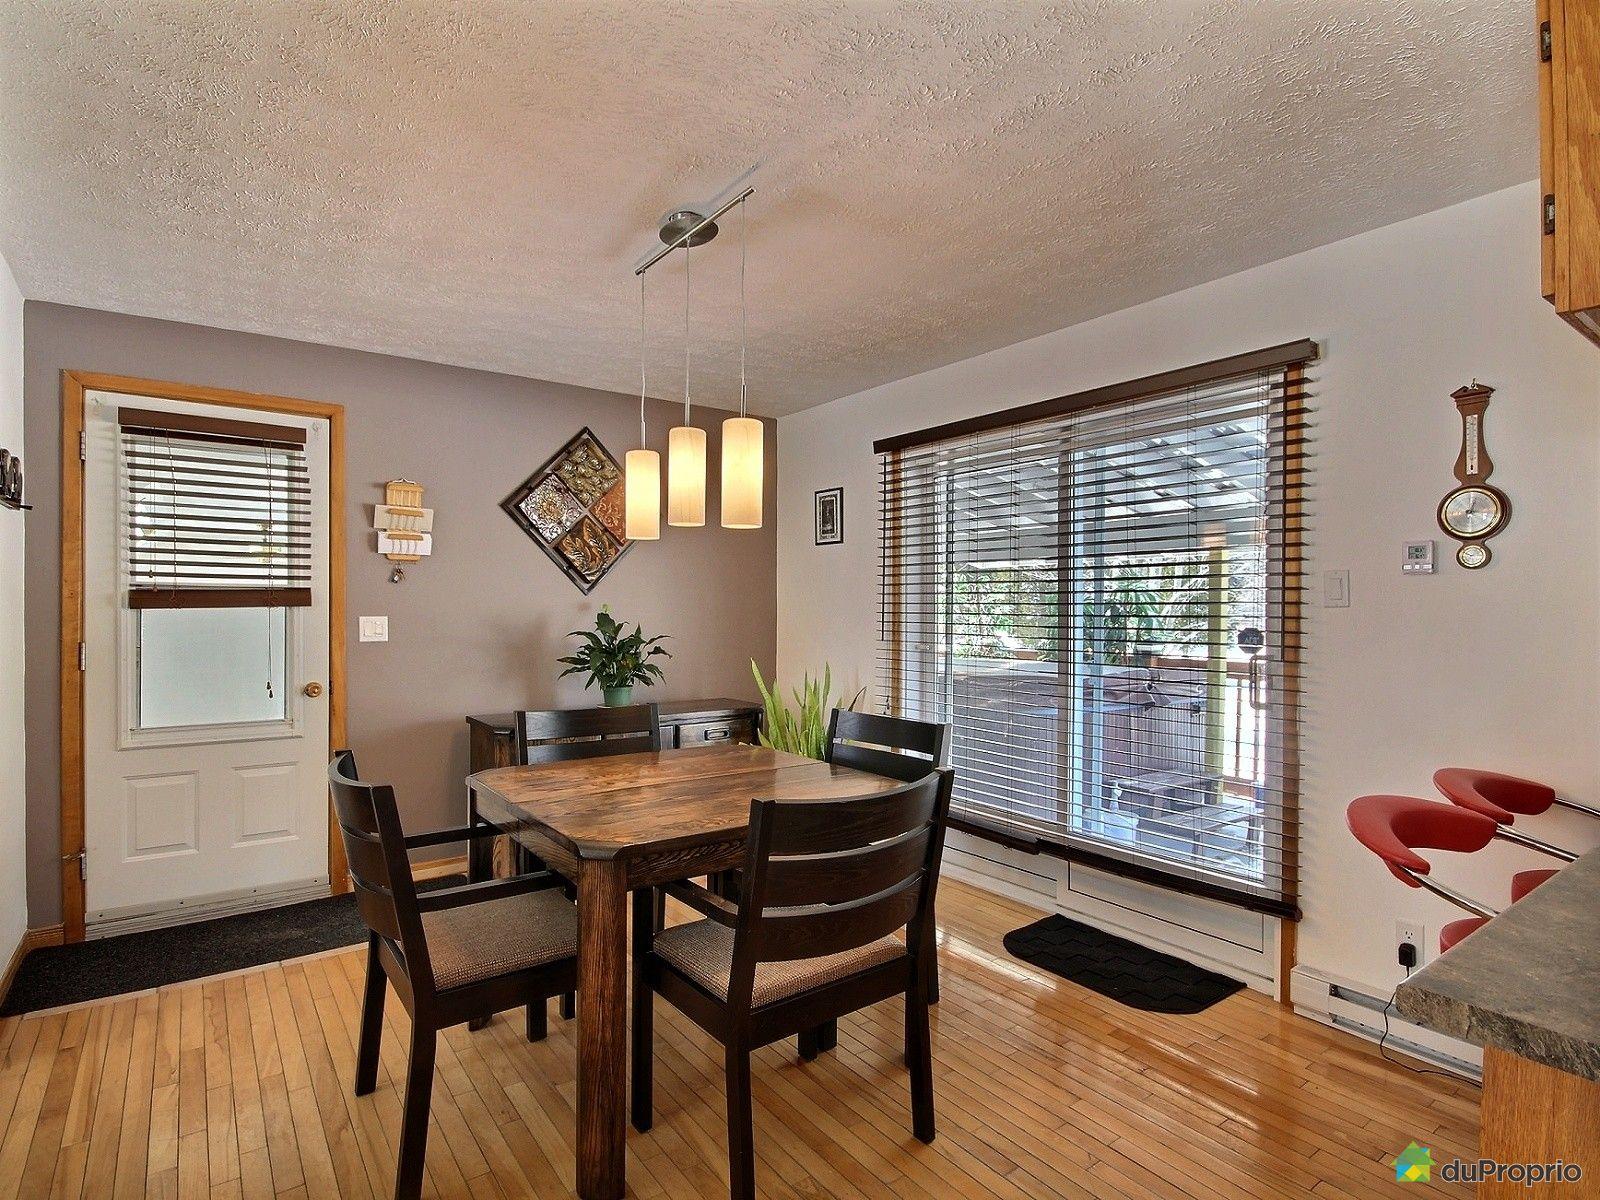 Maison Vendre Rock Forest 5822 Rue Joyal Immobilier